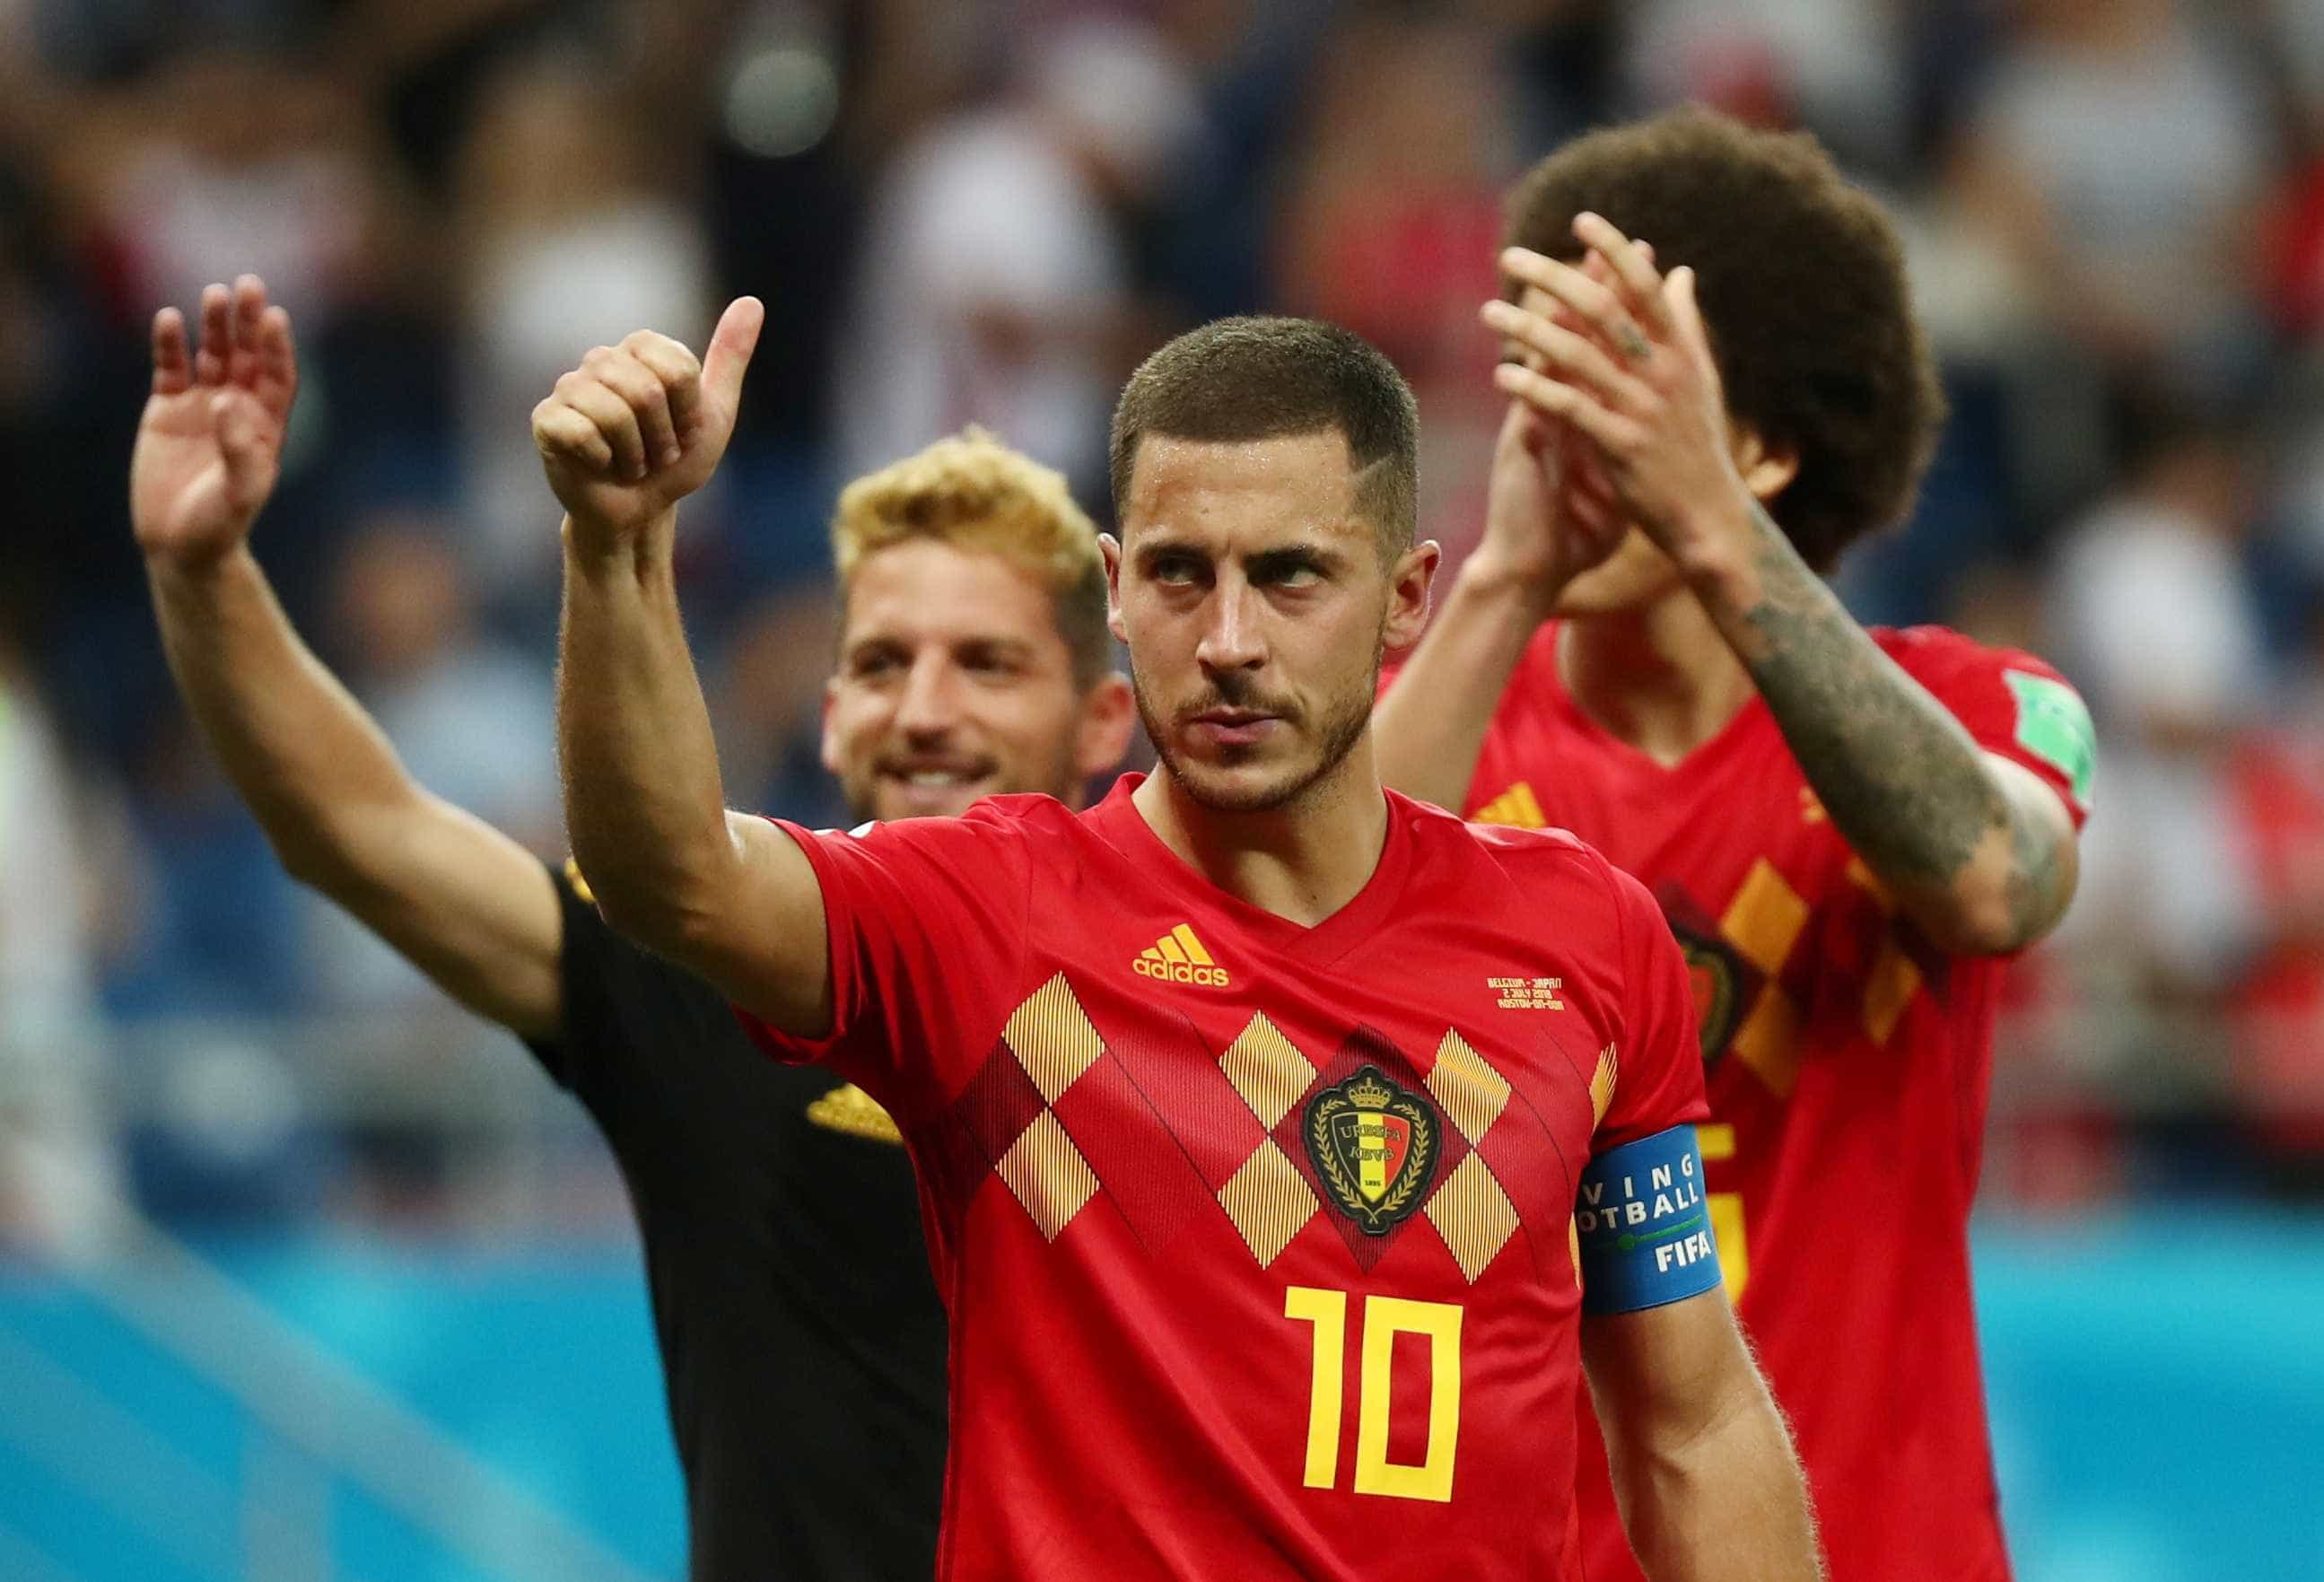 Bélgica empata com França na liderança no ranking da Fifa; Brasil é 3º